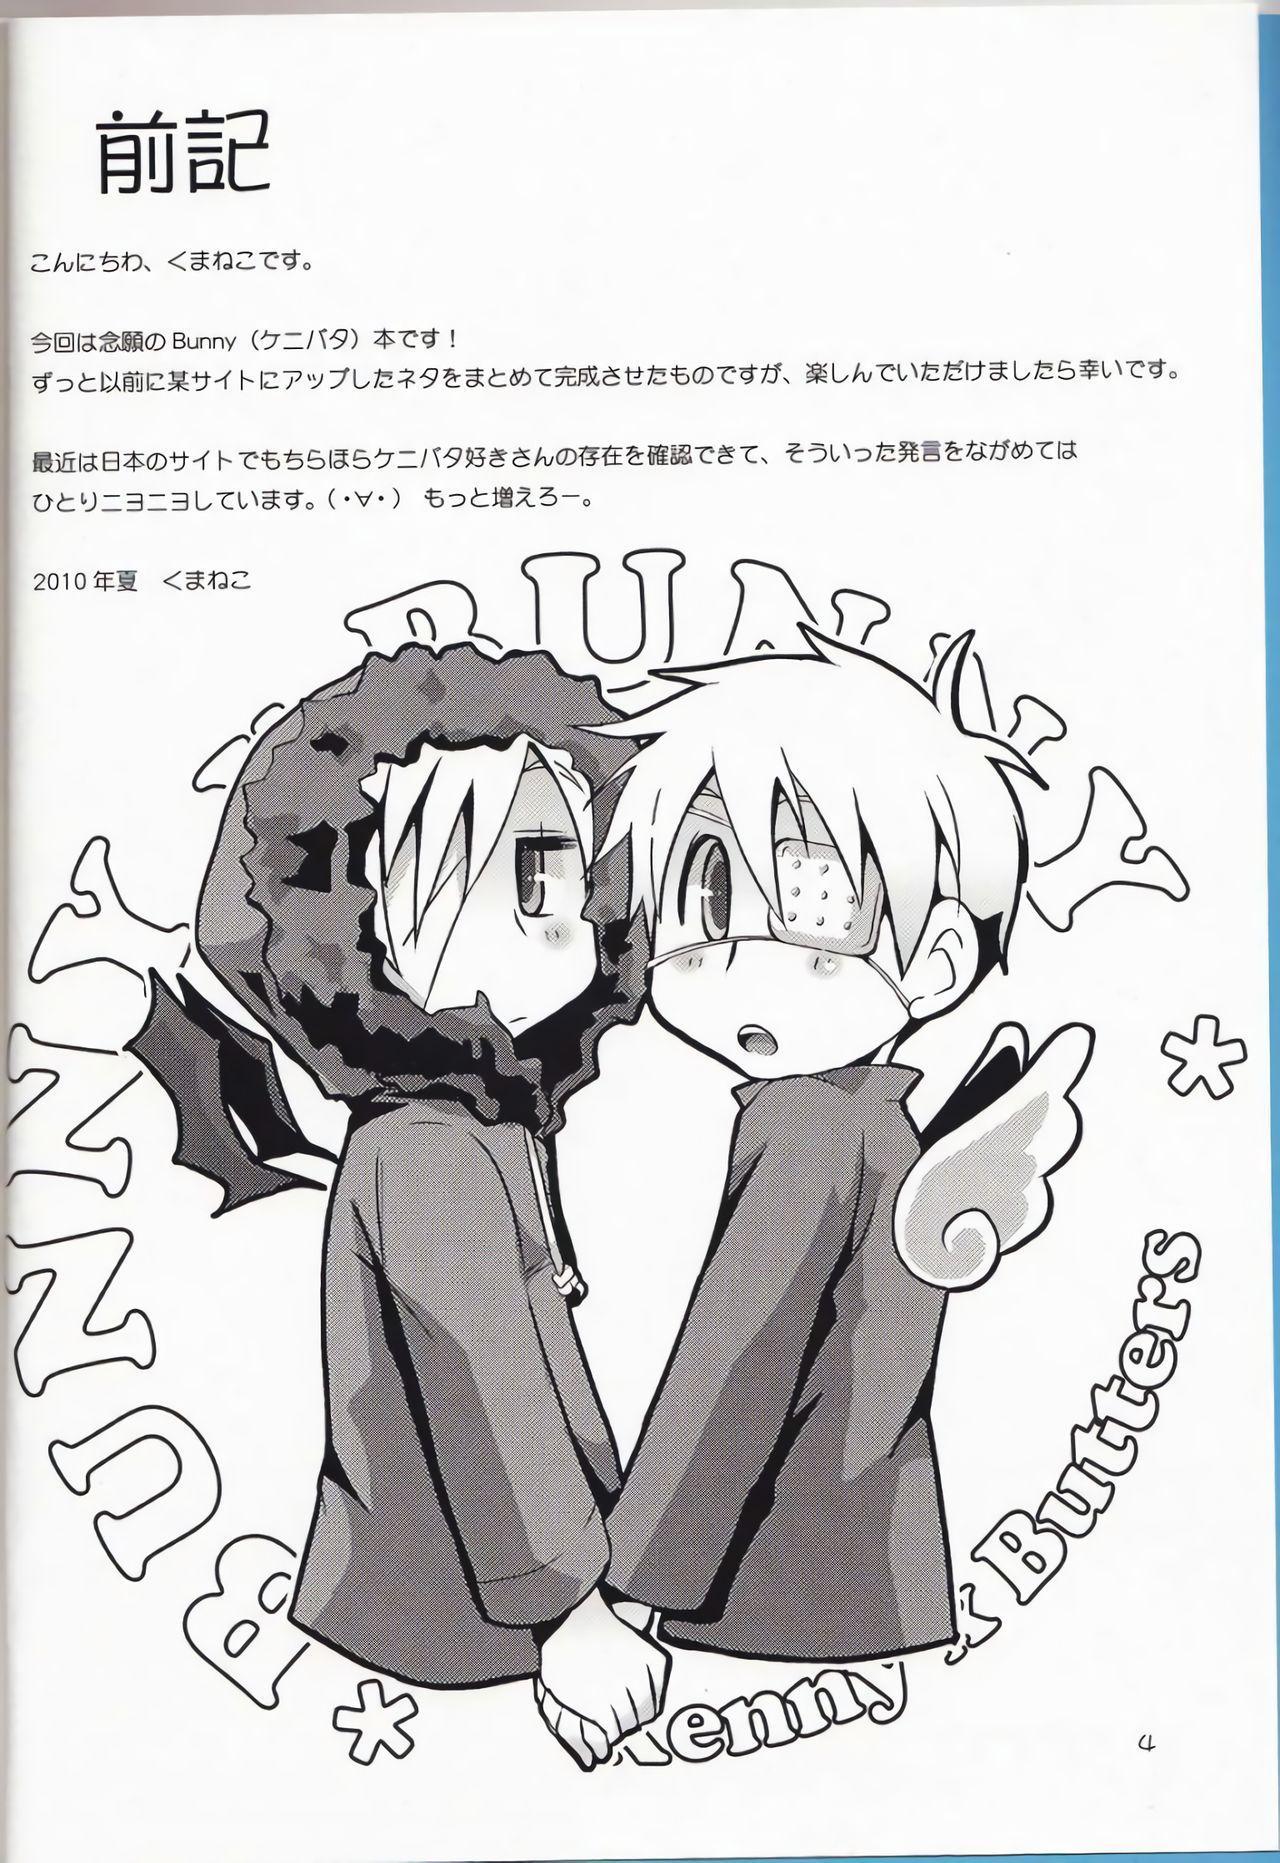 Bunny x Bunny 2